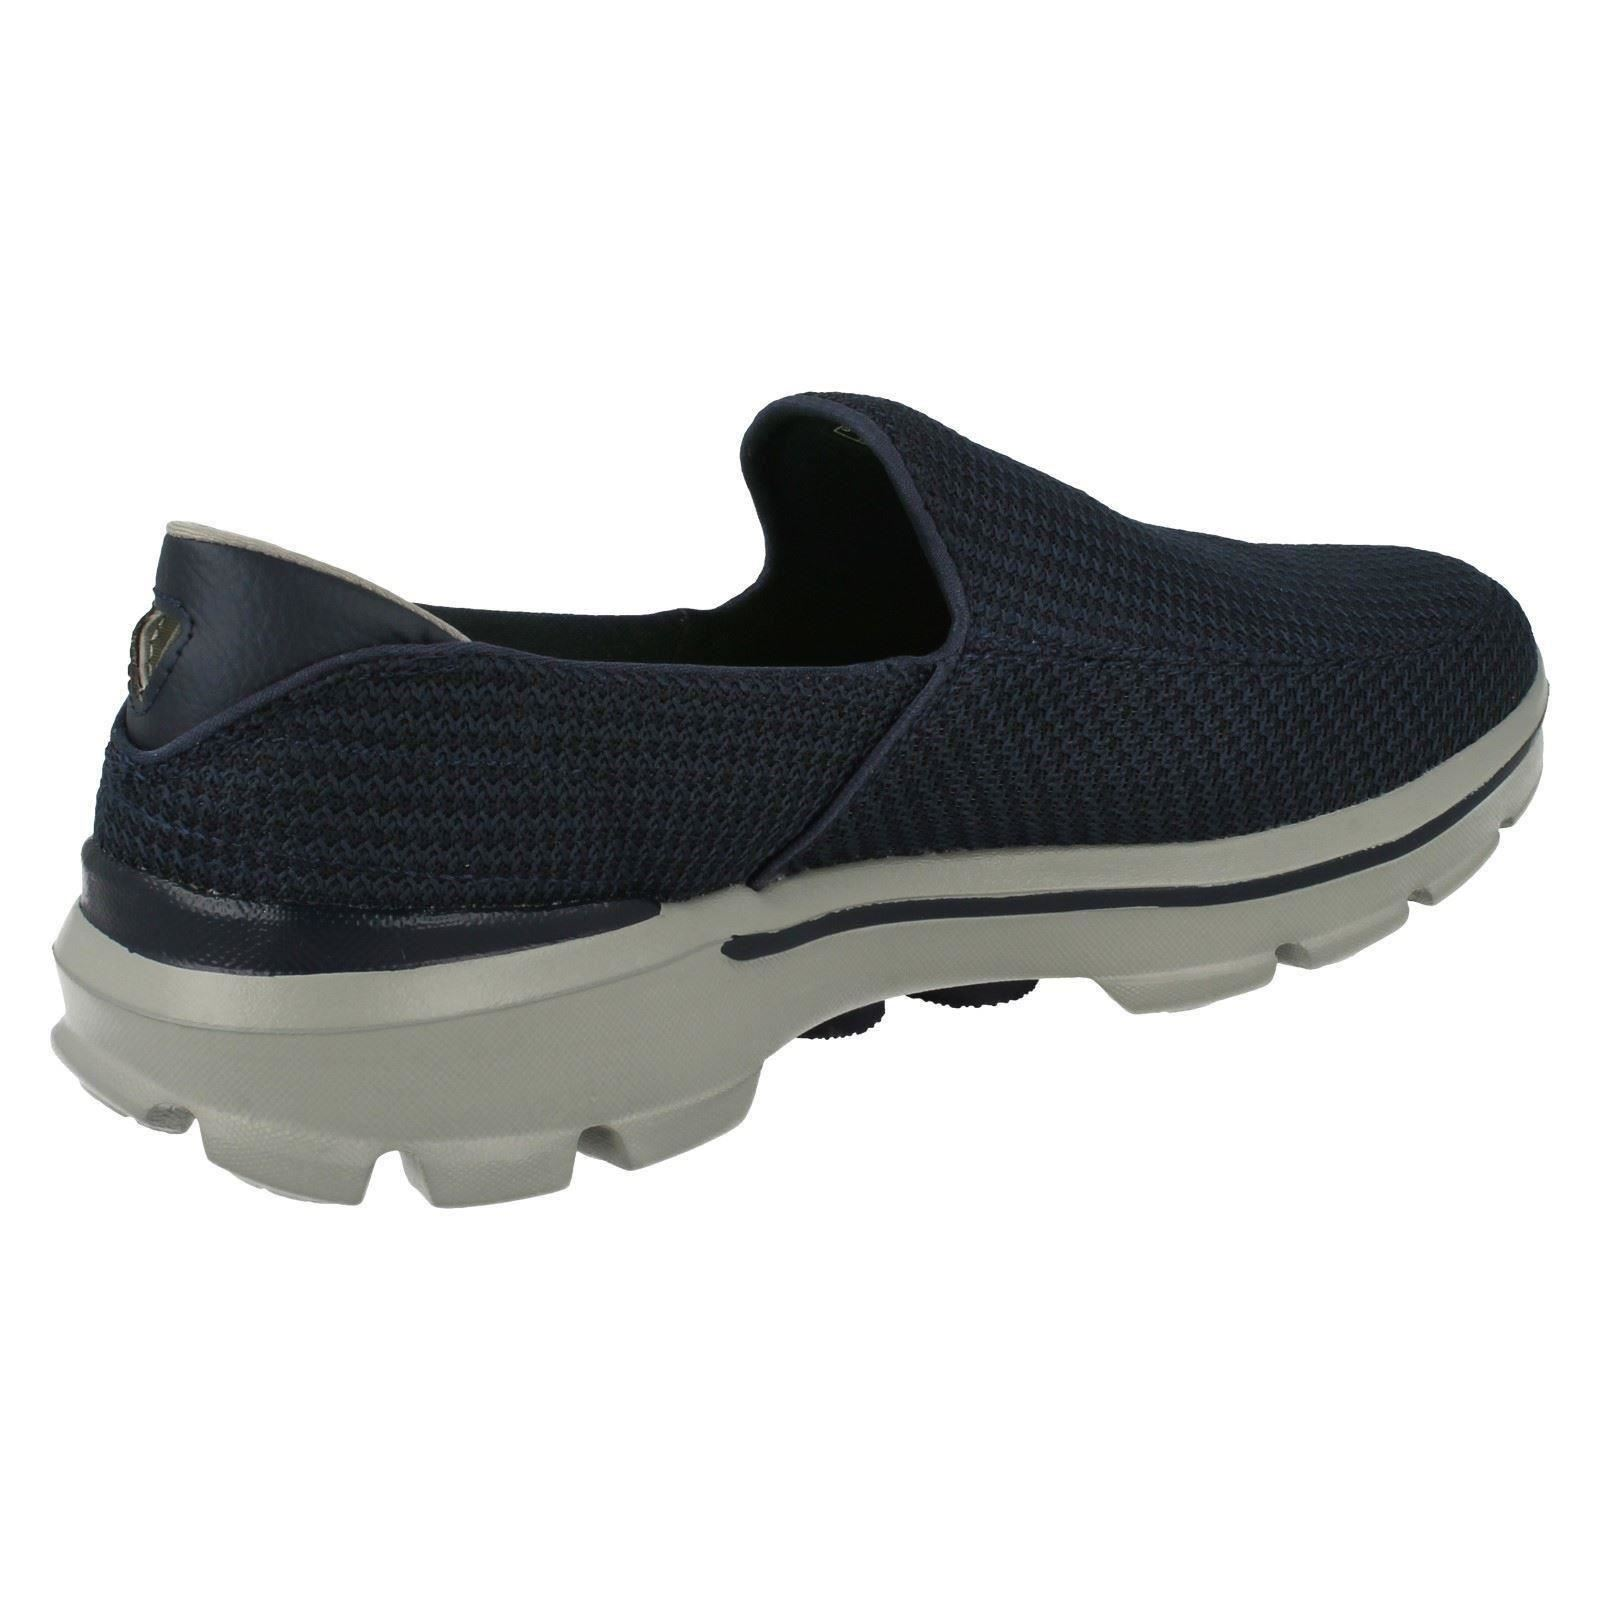 Mens Skechers Go Walk Casual 3 53980 Casual Walk Pumps 6f83f3